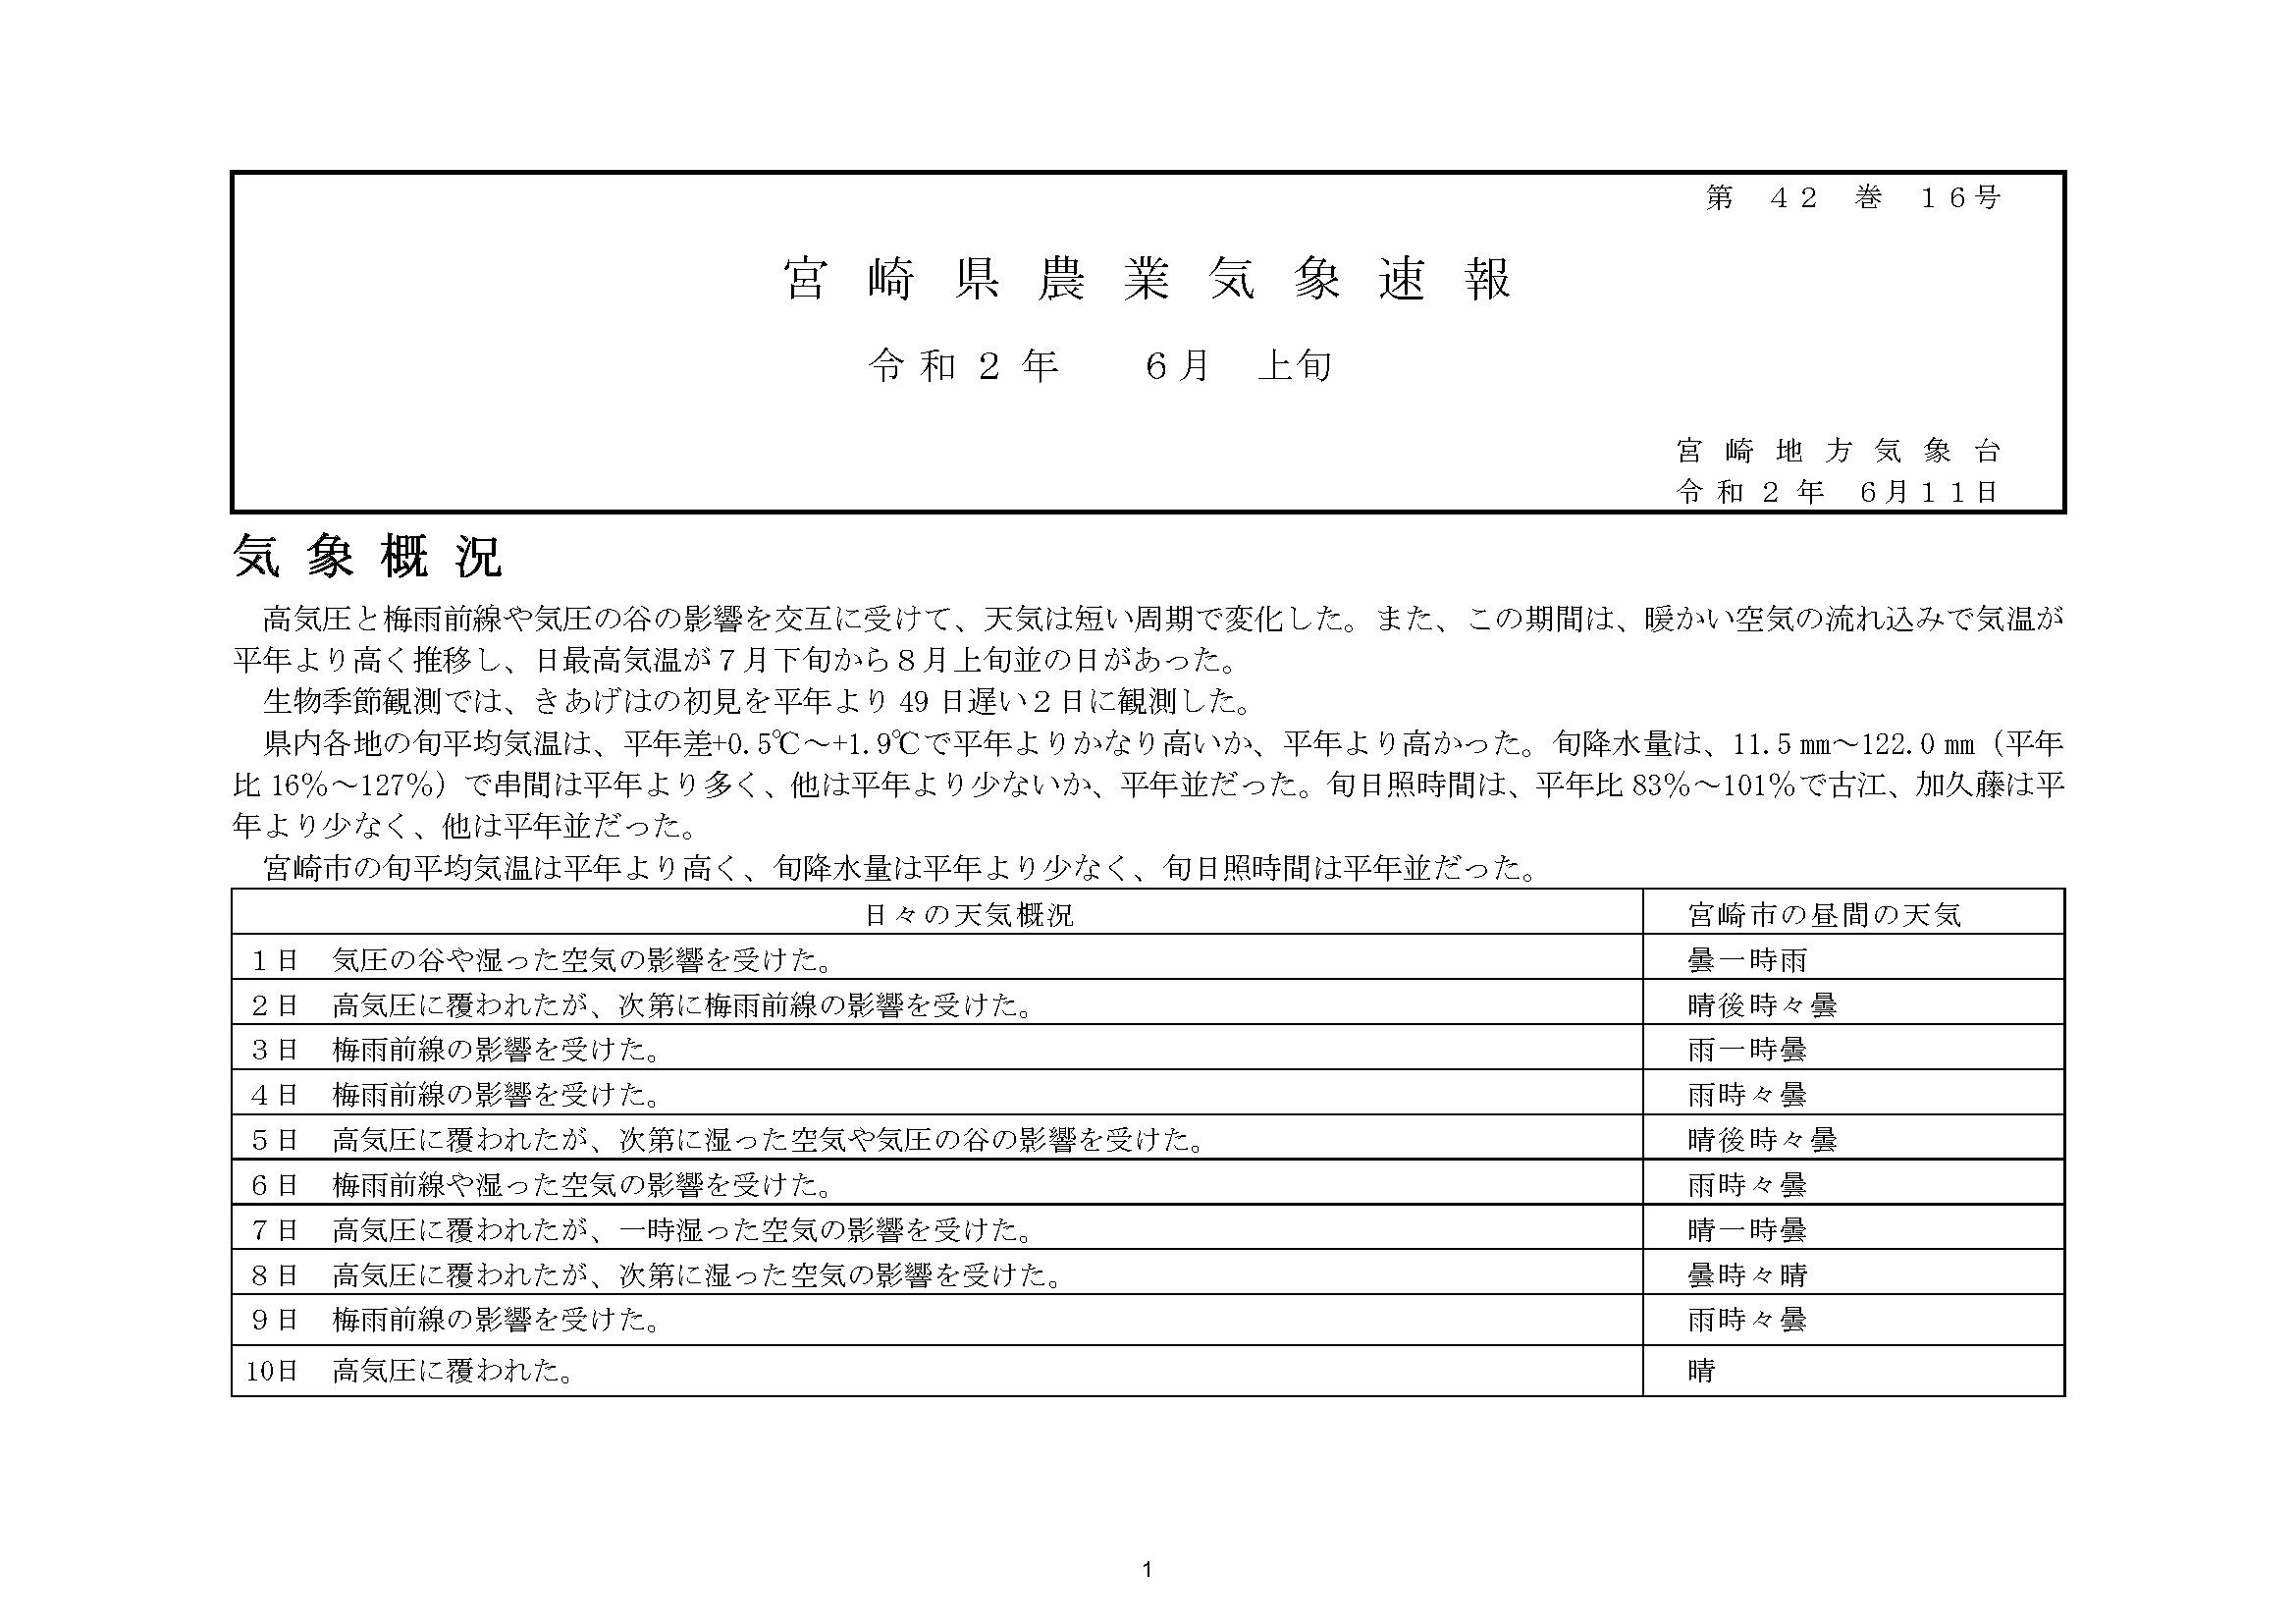 宮崎県農業気象速報令和2年6月上旬PDF